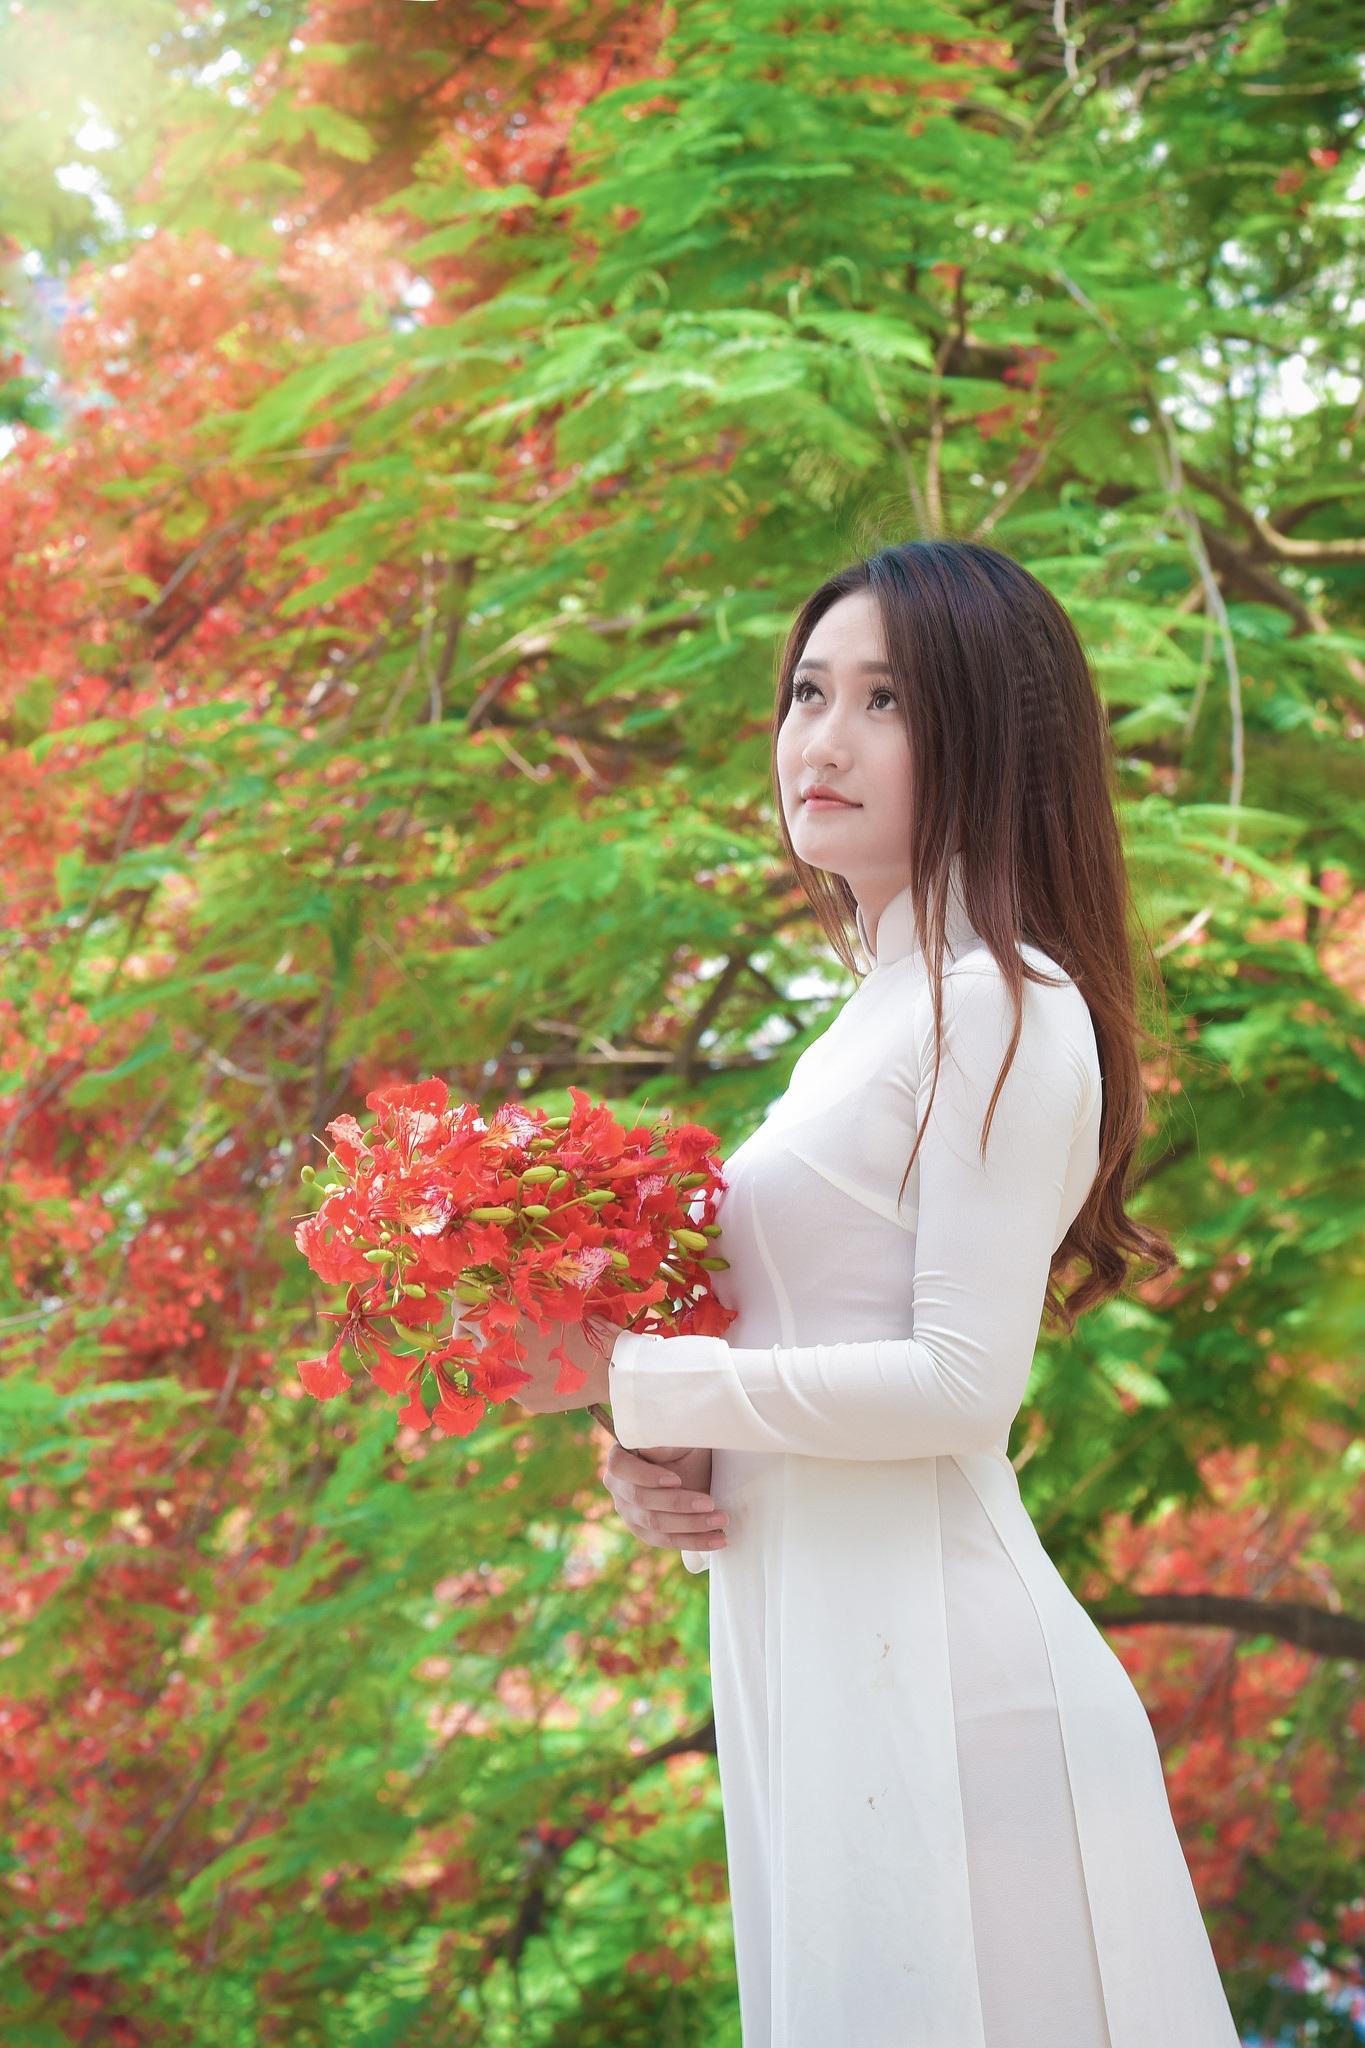 """Thiếu nữ Hà thành mơ màng bên hoa phượng """"rực cháy"""" - 11"""